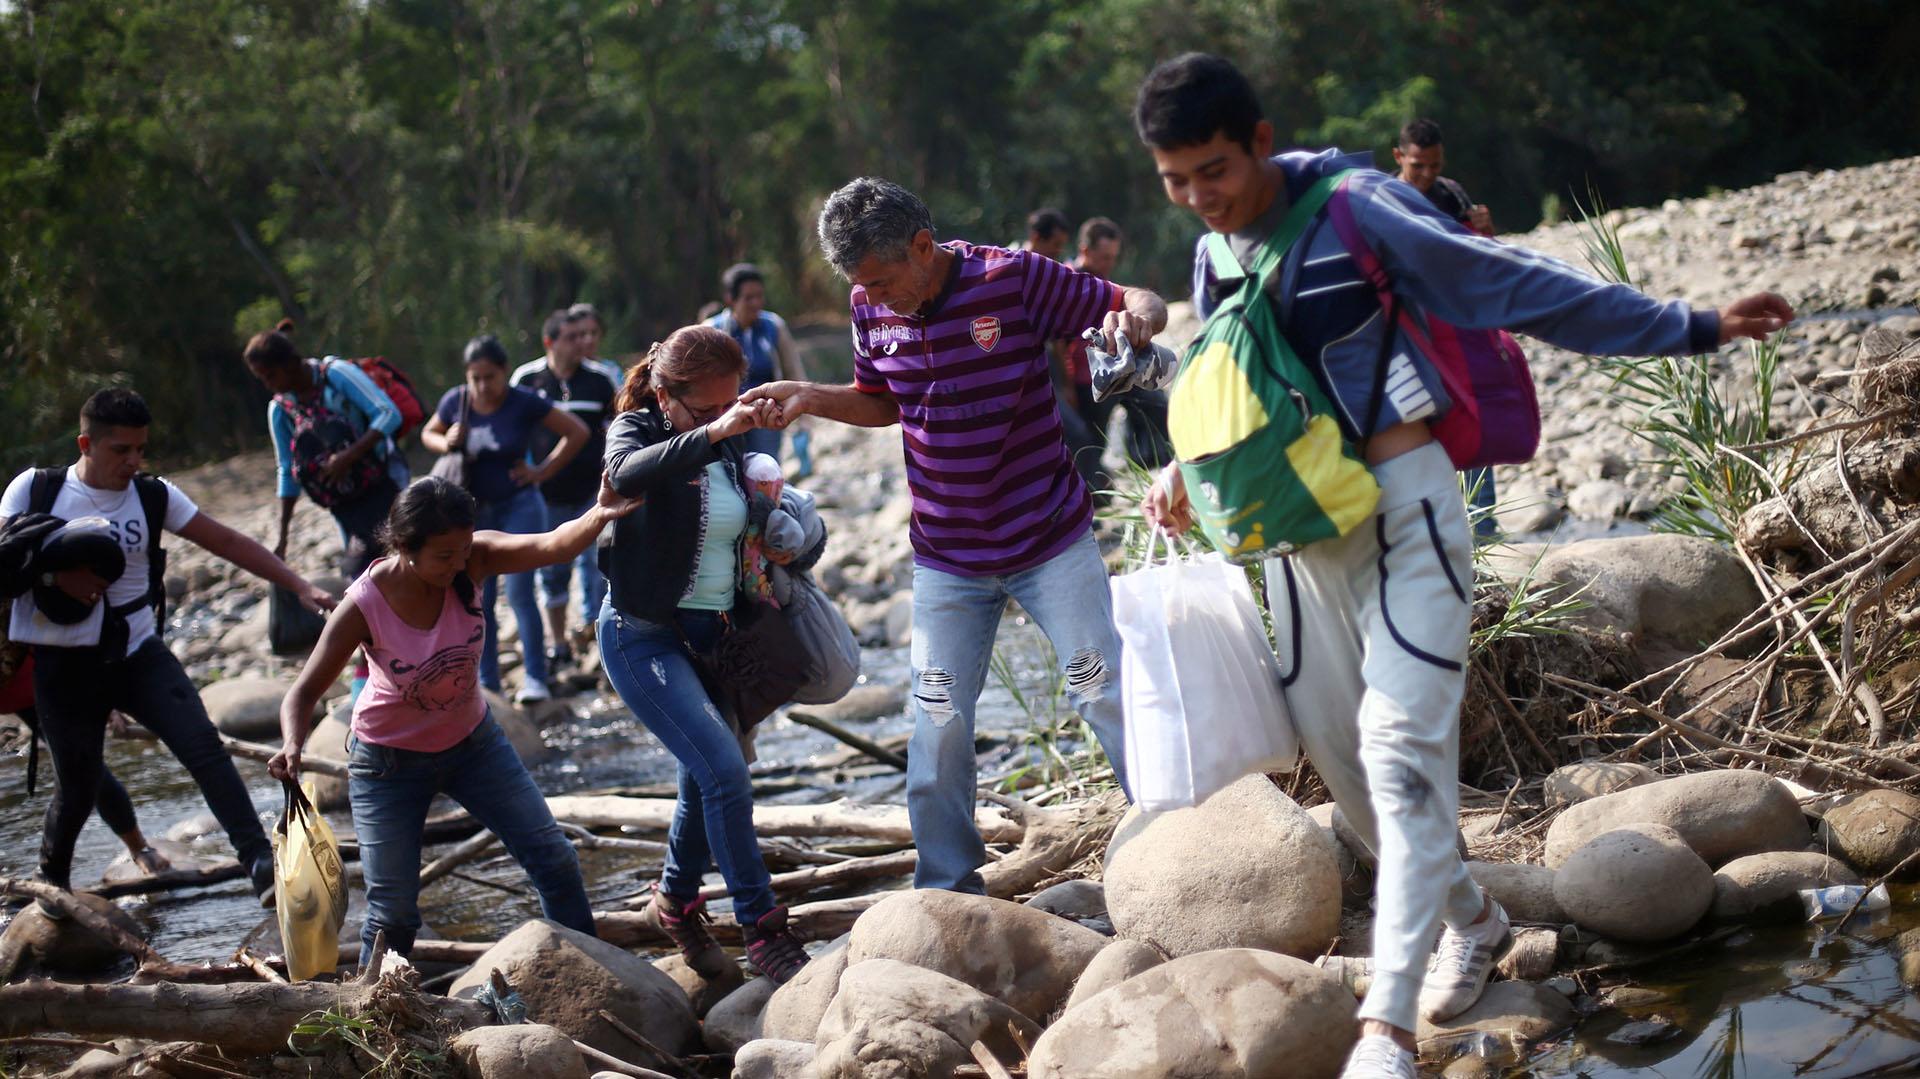 Las gente cruza a Colombia a pie cruzando el río Táchira (REUTERS)